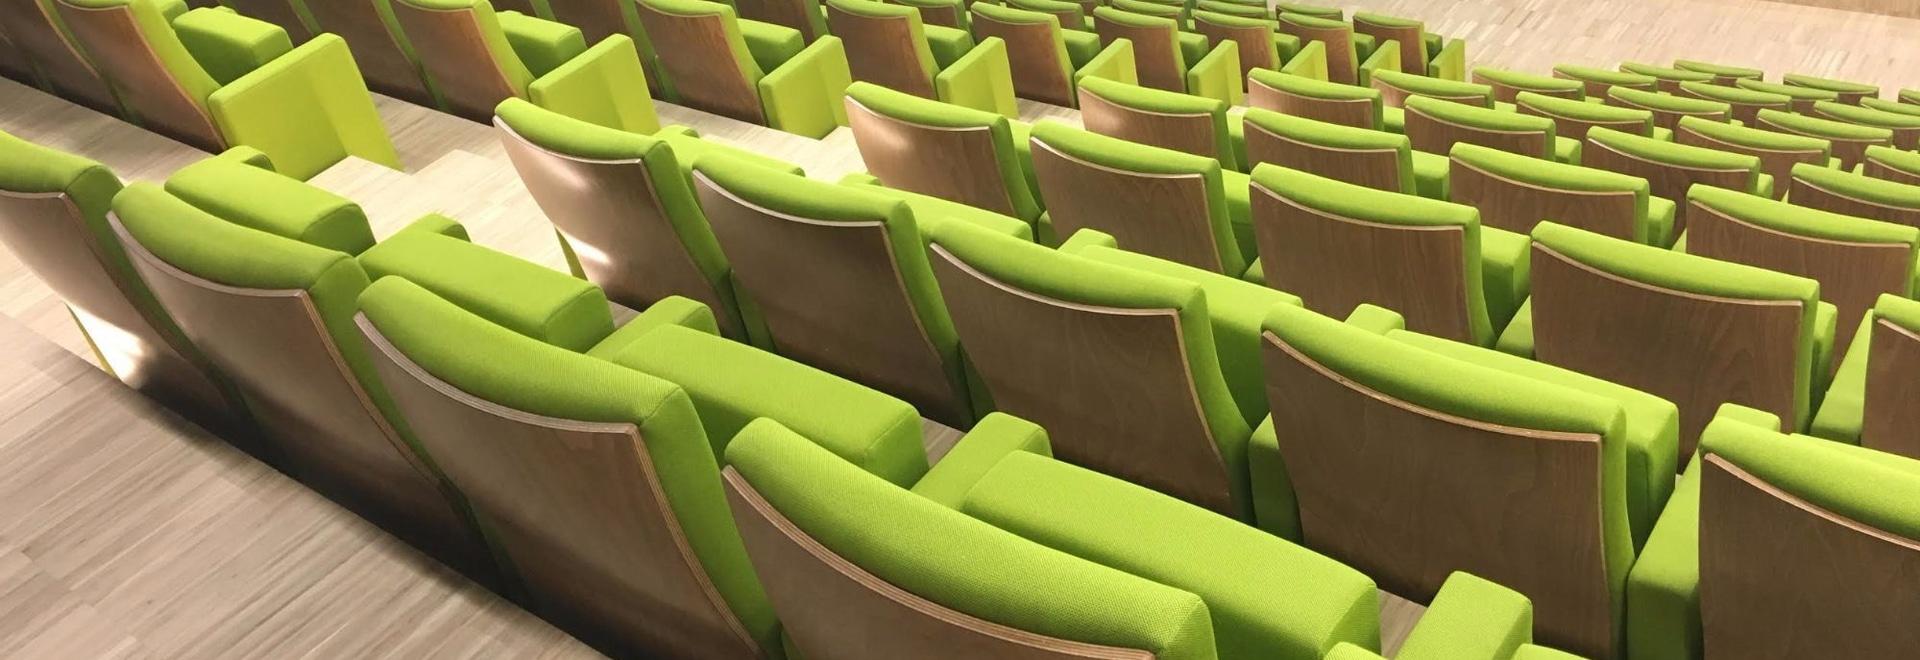 Quinette Gallay equips VEOLIA's auditorium